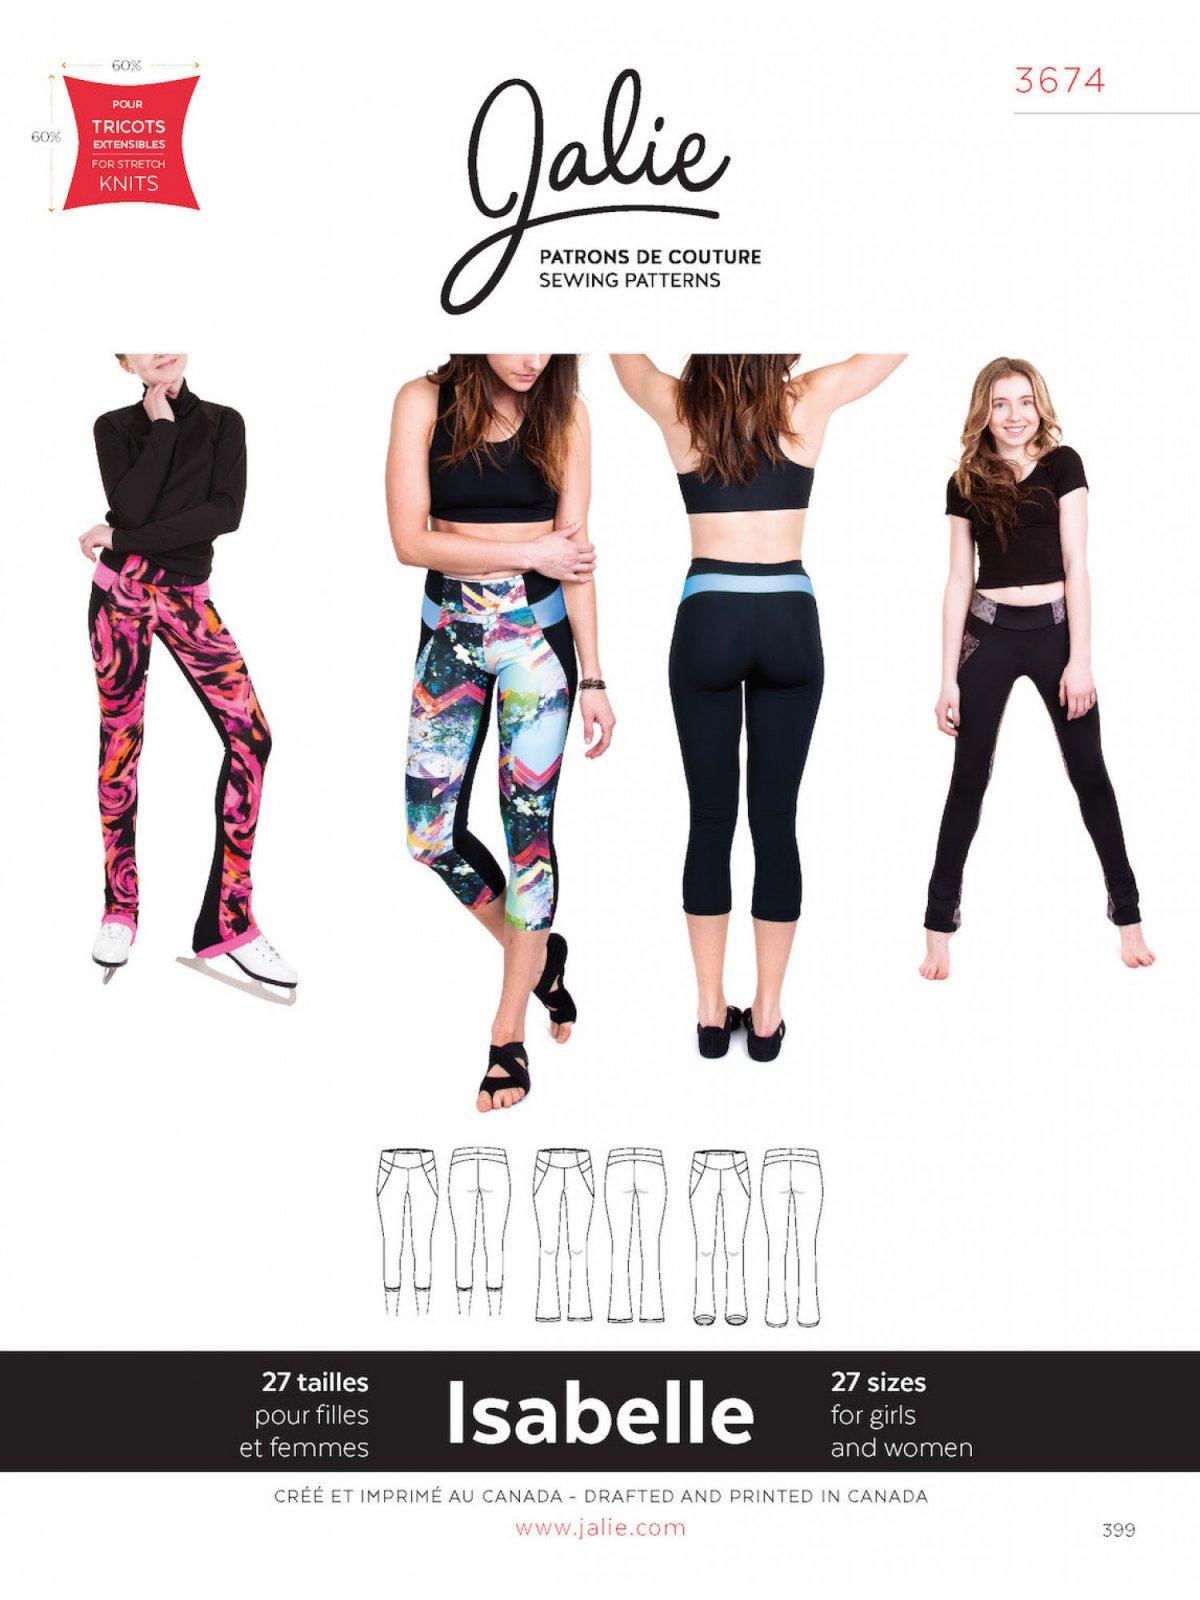 Isabelle-Leggings/Skating Pants